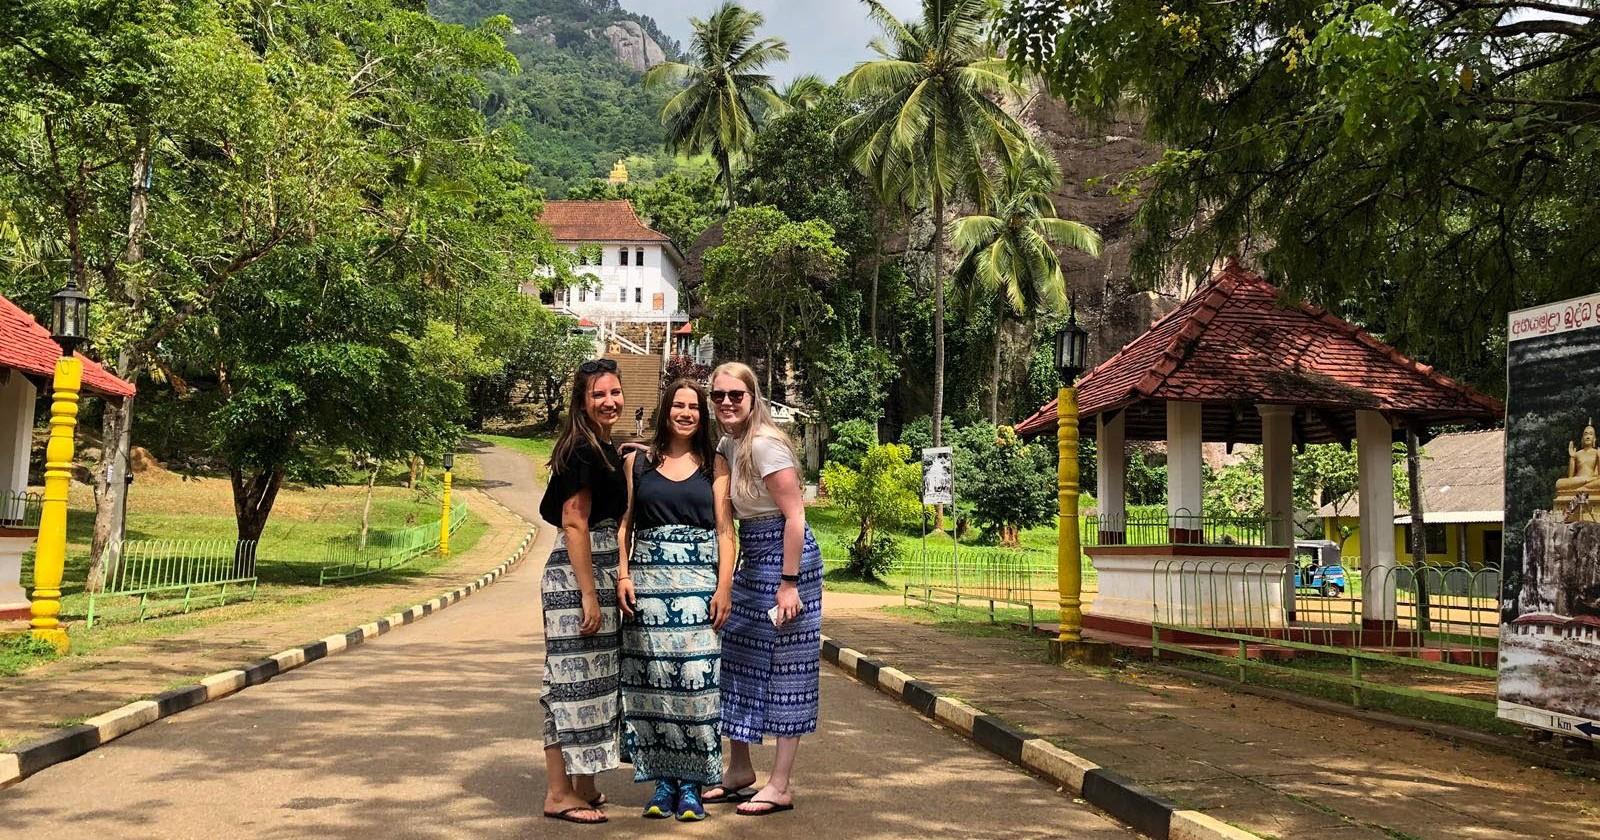 Onze backpack reis door Sri Lanka en De Malediven!